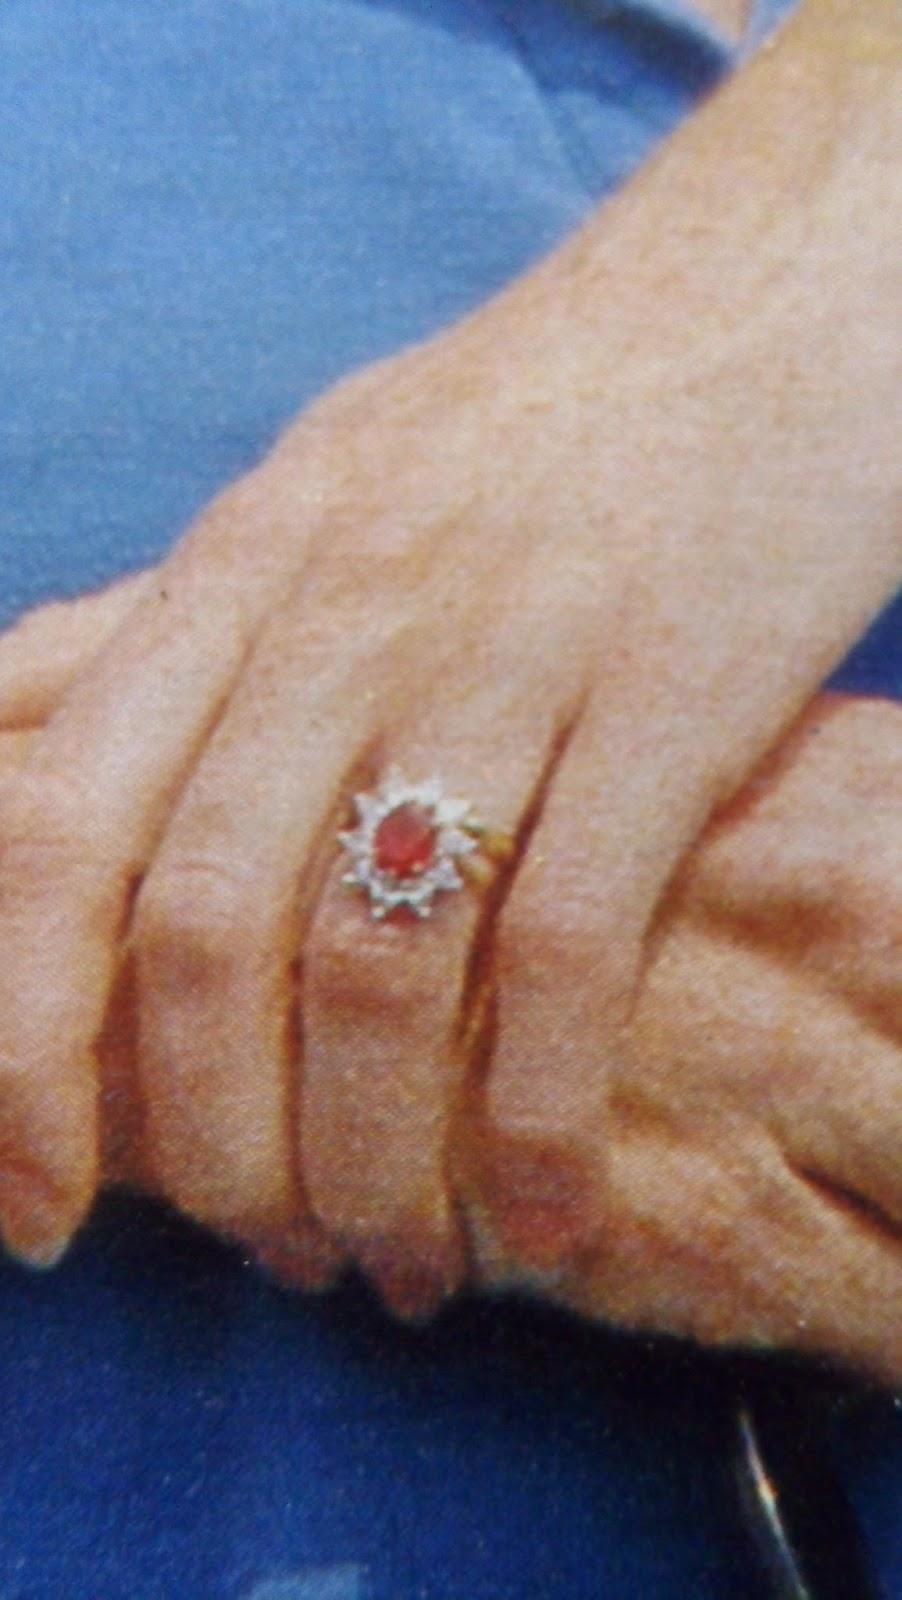 Konigliche Juwelen Sarah Ferguson Verlobungsring